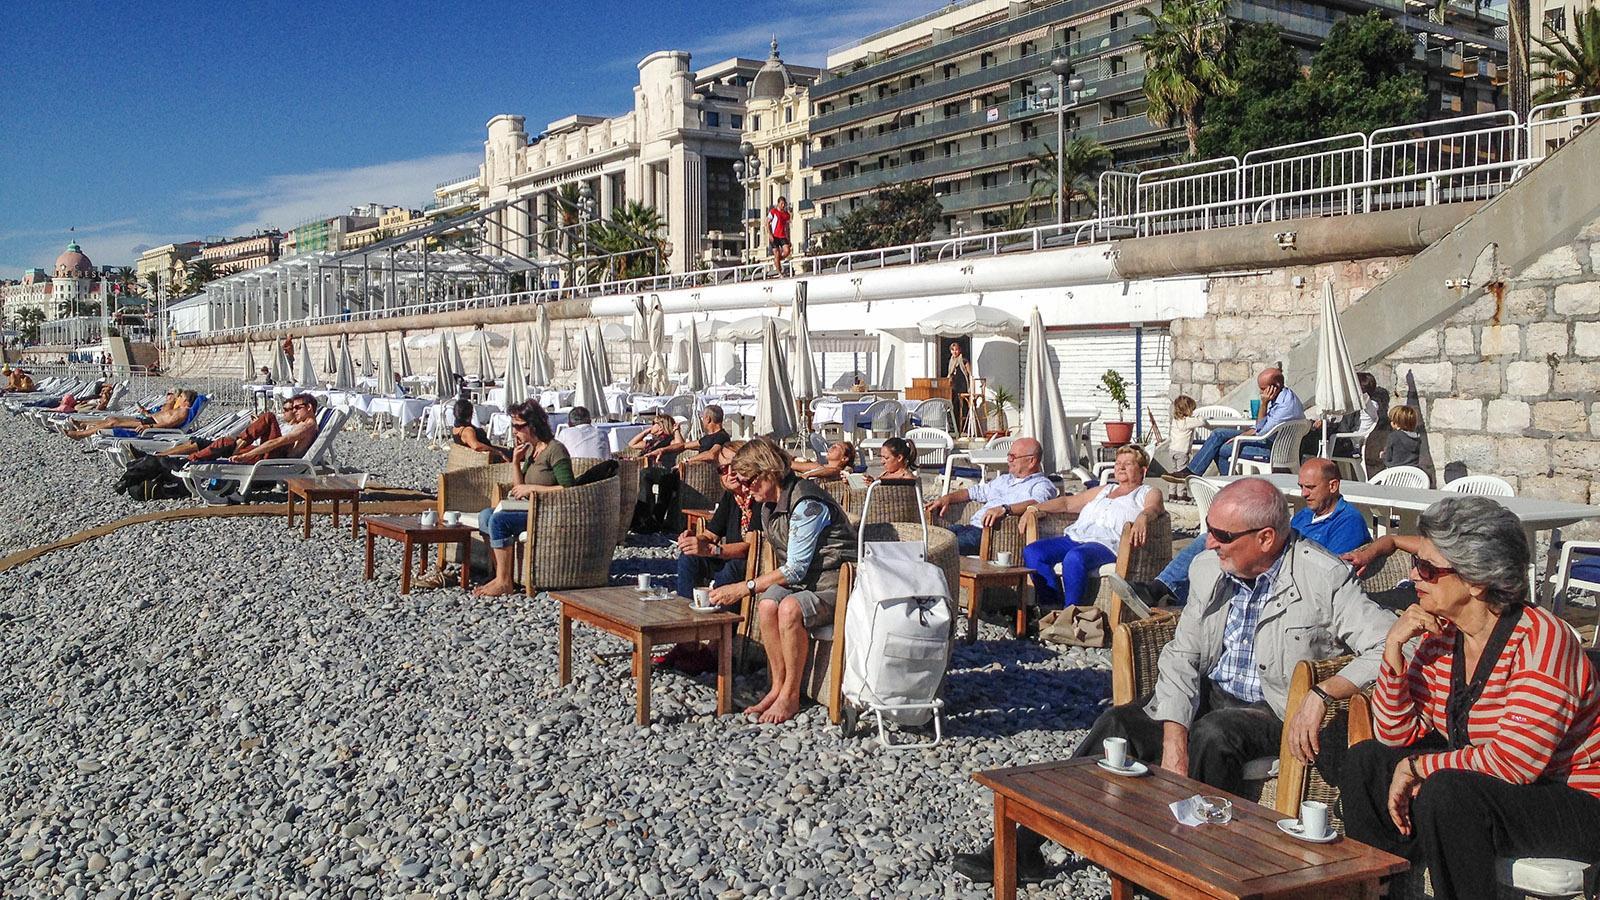 Nizza: Bars und Cafés säumen im Stadtzentrum den Kieselstrand. Foto: Hilke Maunder